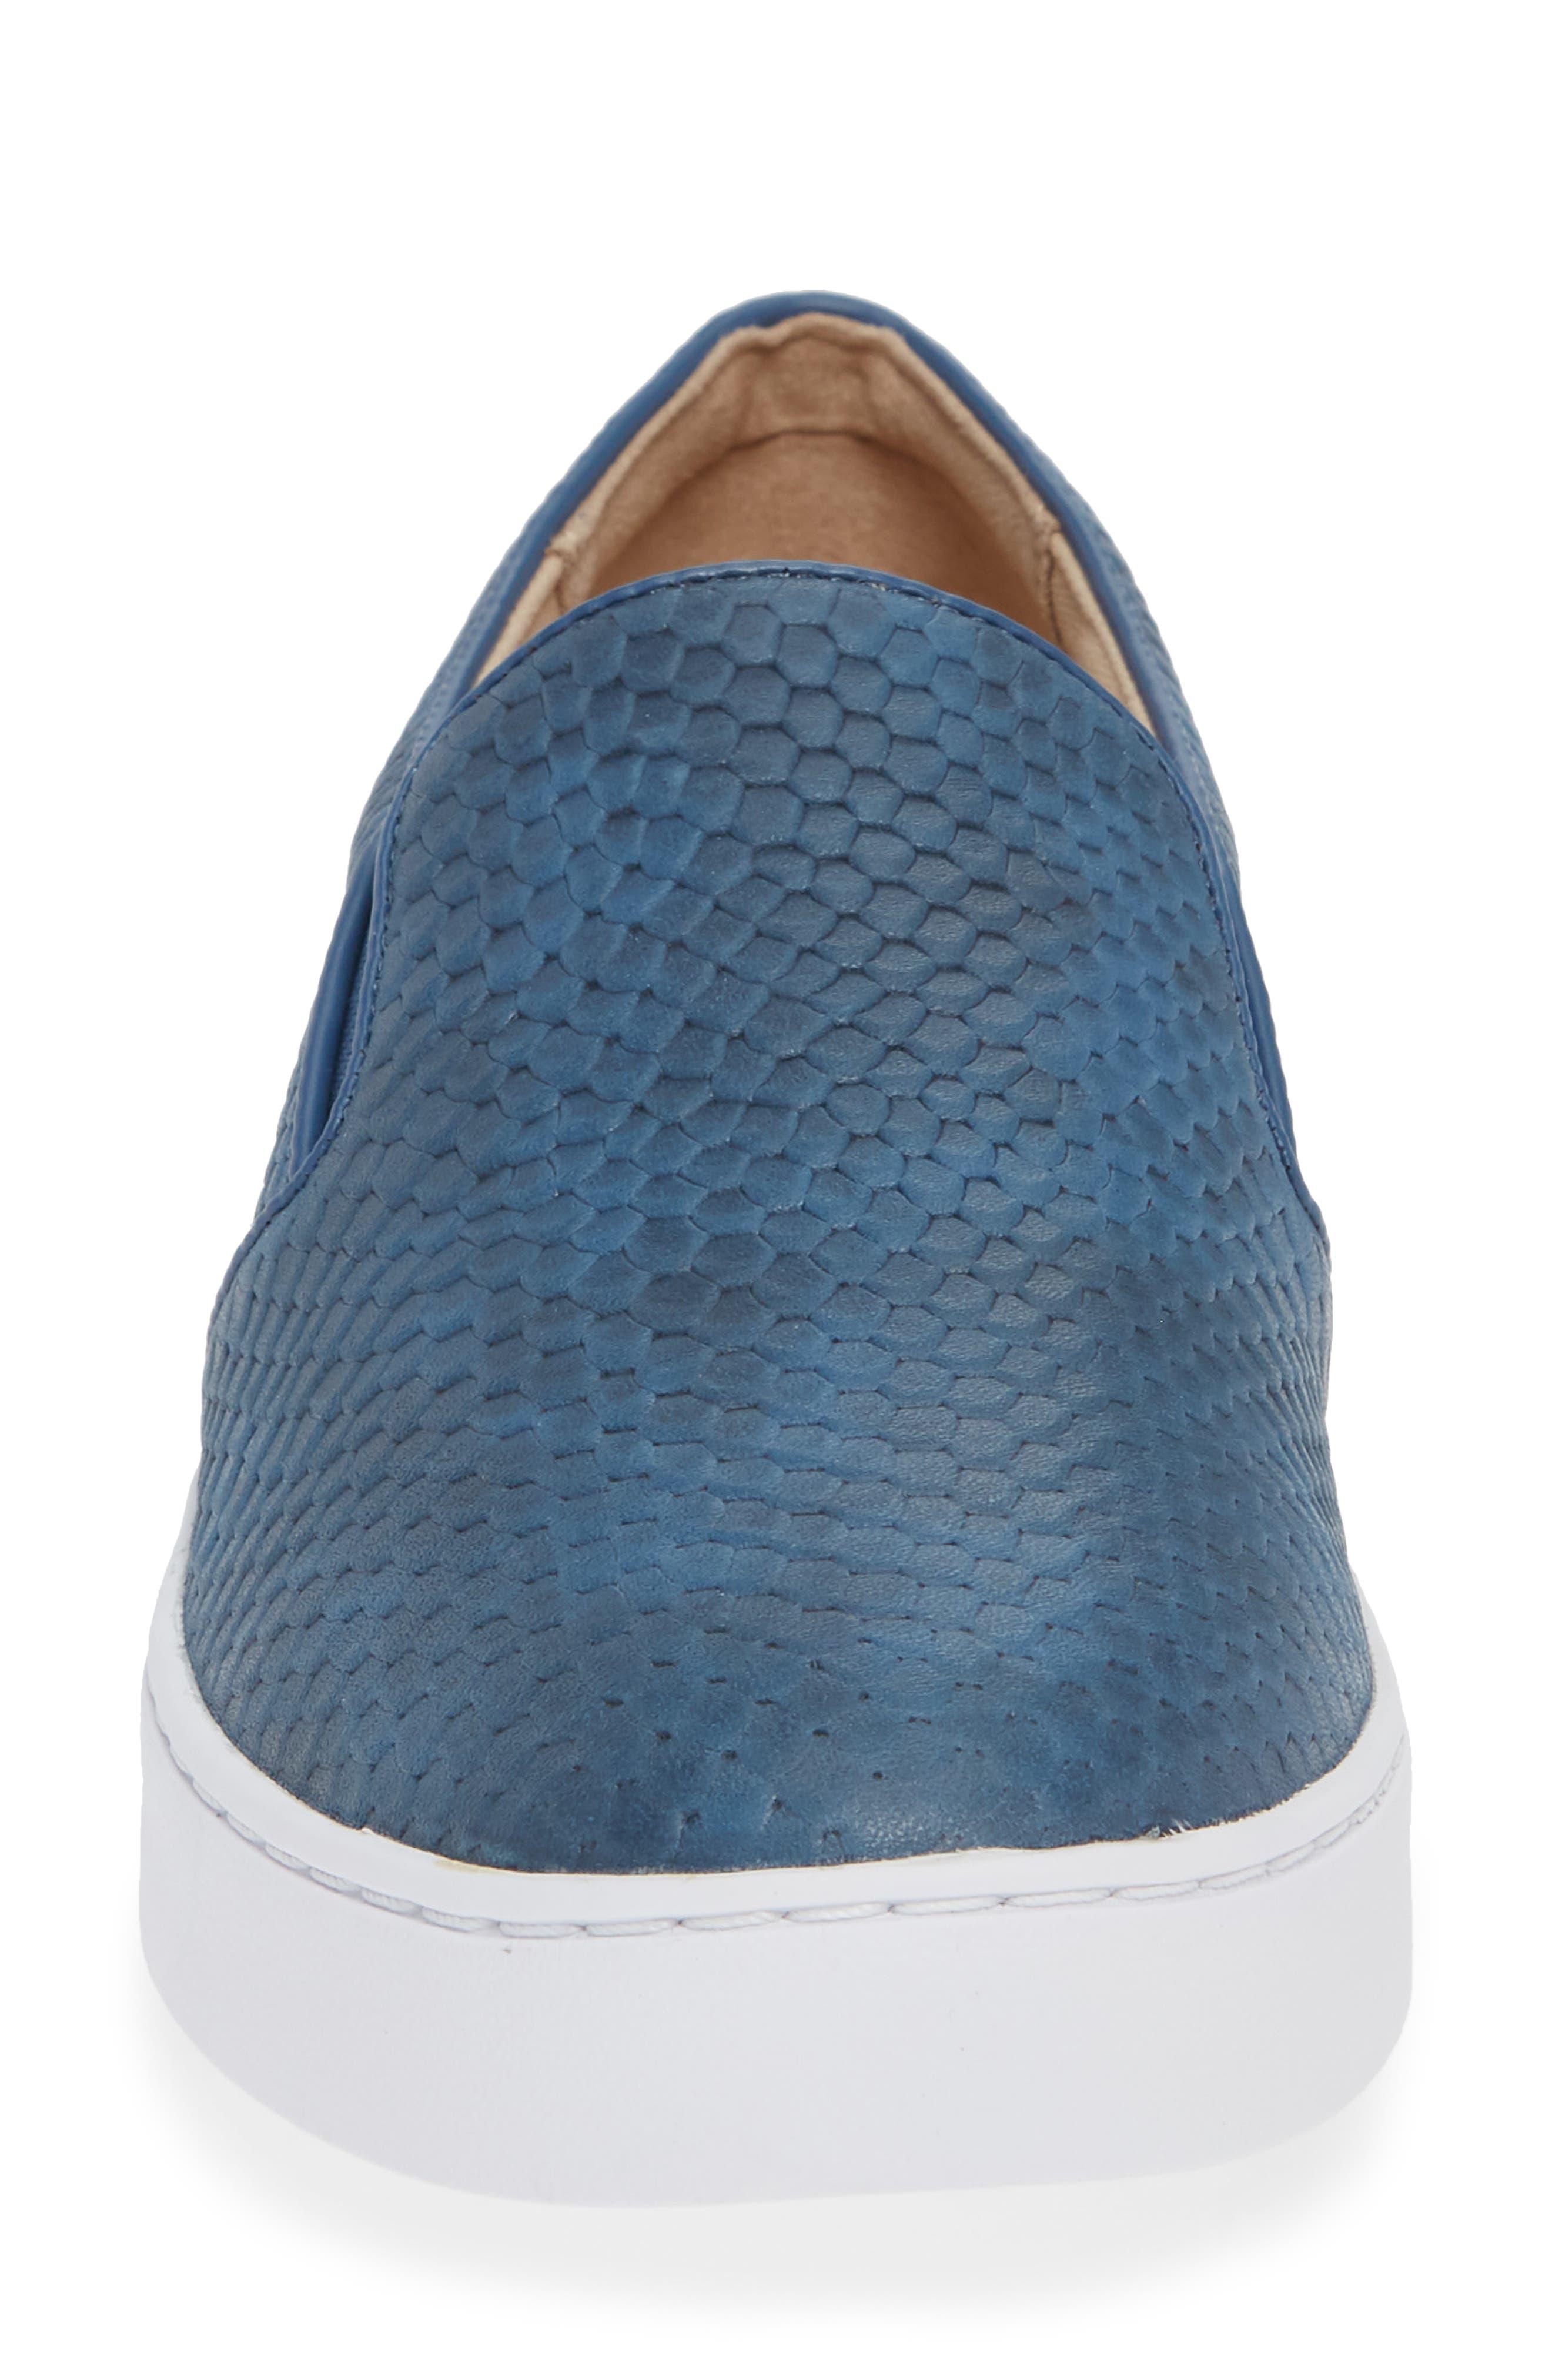 Midiperf Slip-On Shoe,                             Alternate thumbnail 4, color,                             401